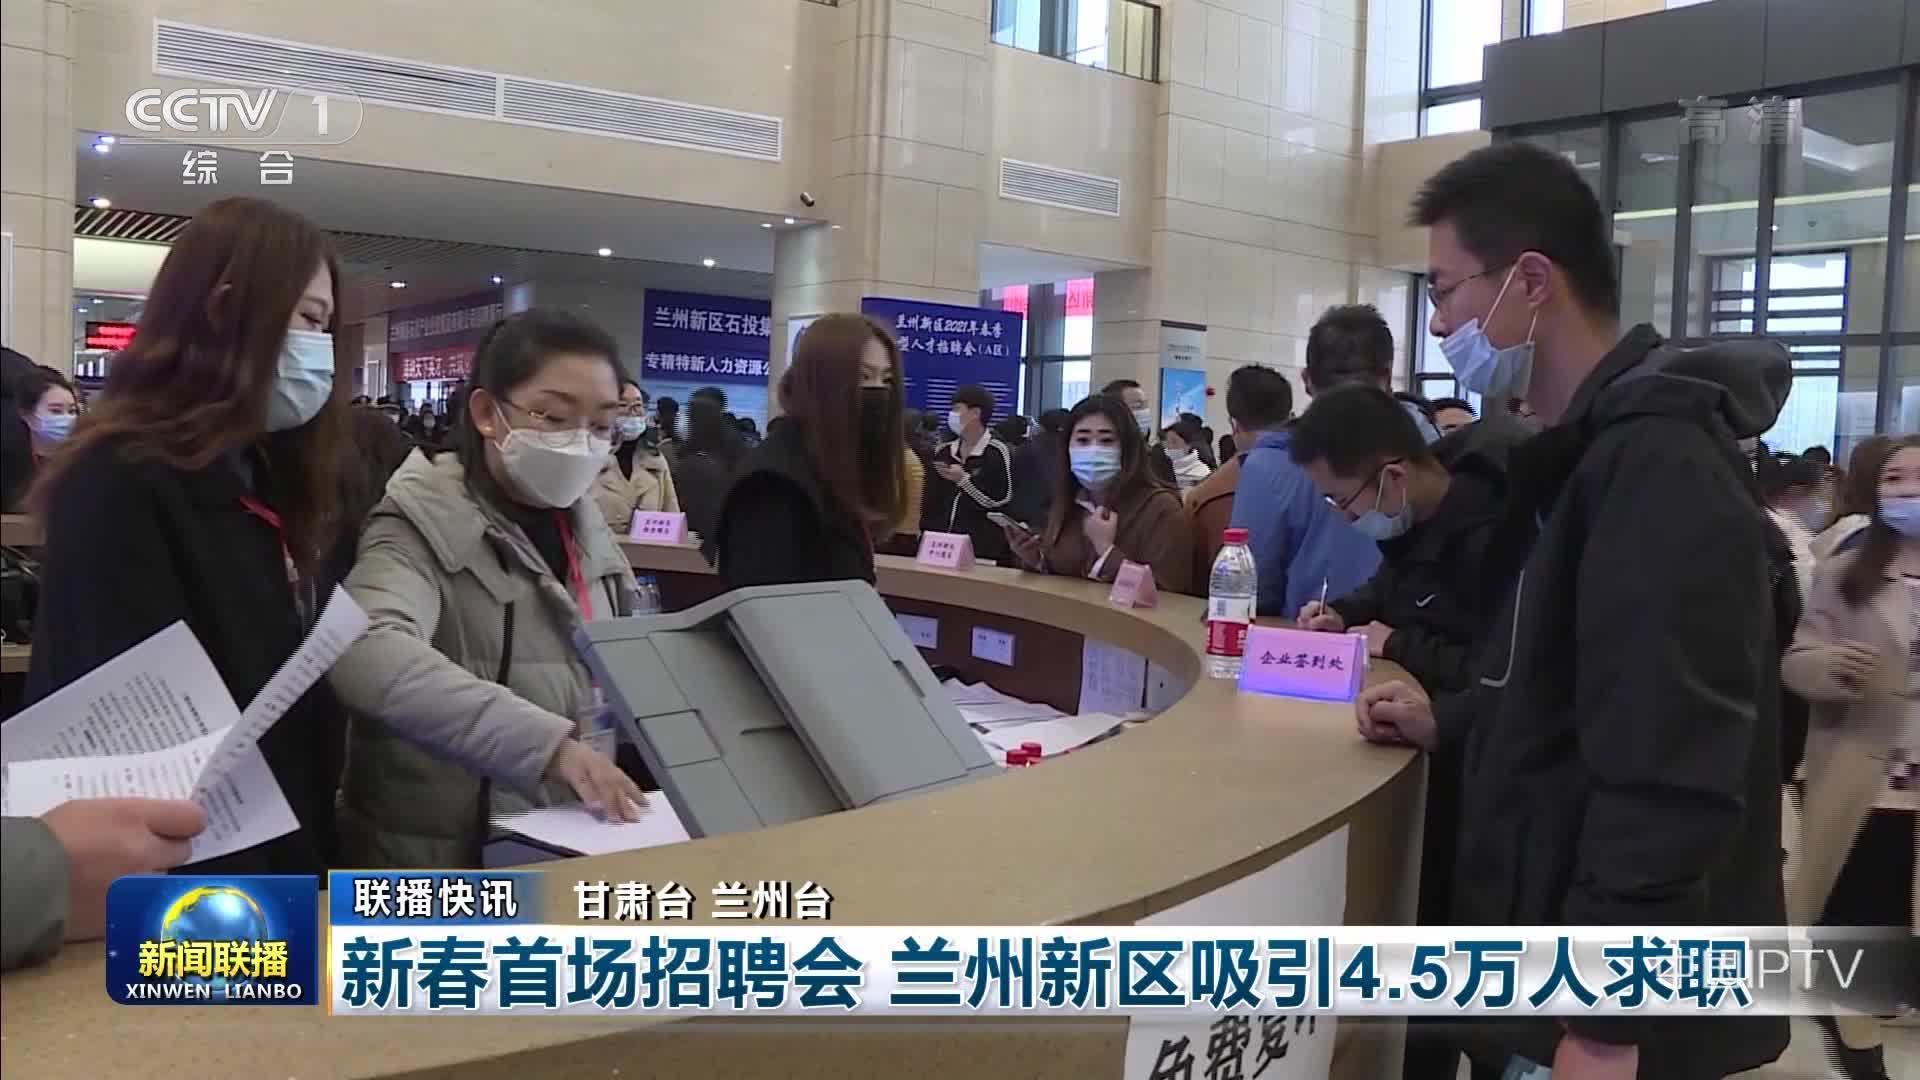 【联播快讯】新春首场招聘会 兰州新区吸引4.5万人求职